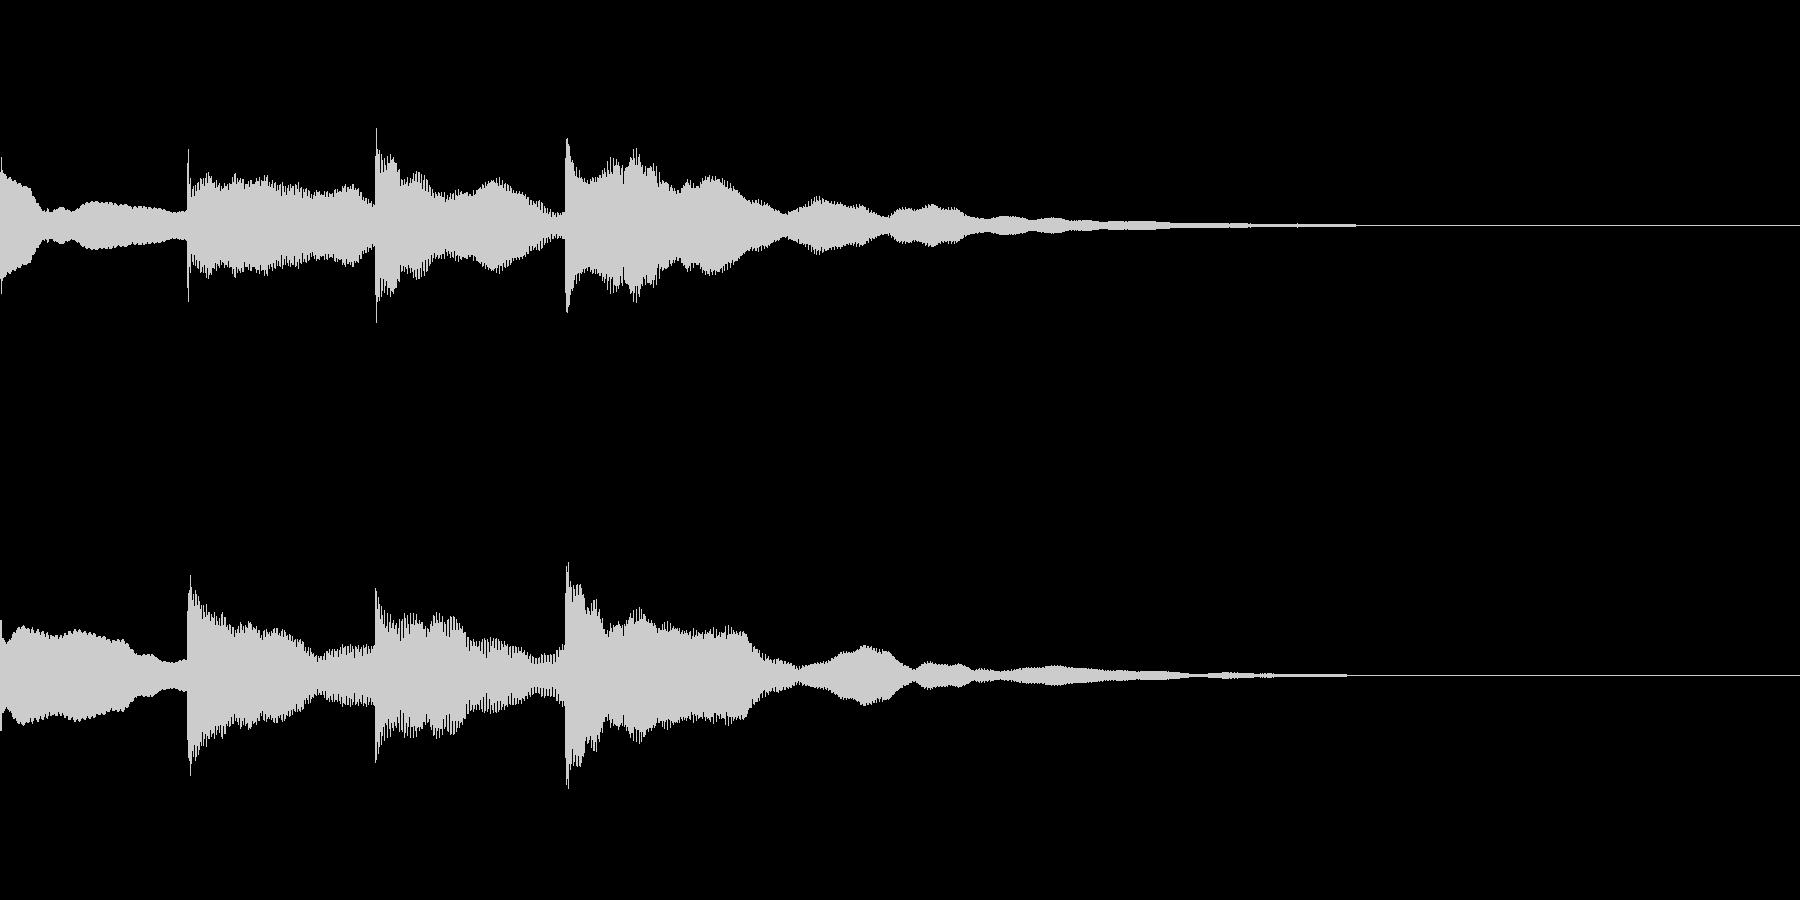 チャイム「ピンポンパンポーン」の未再生の波形